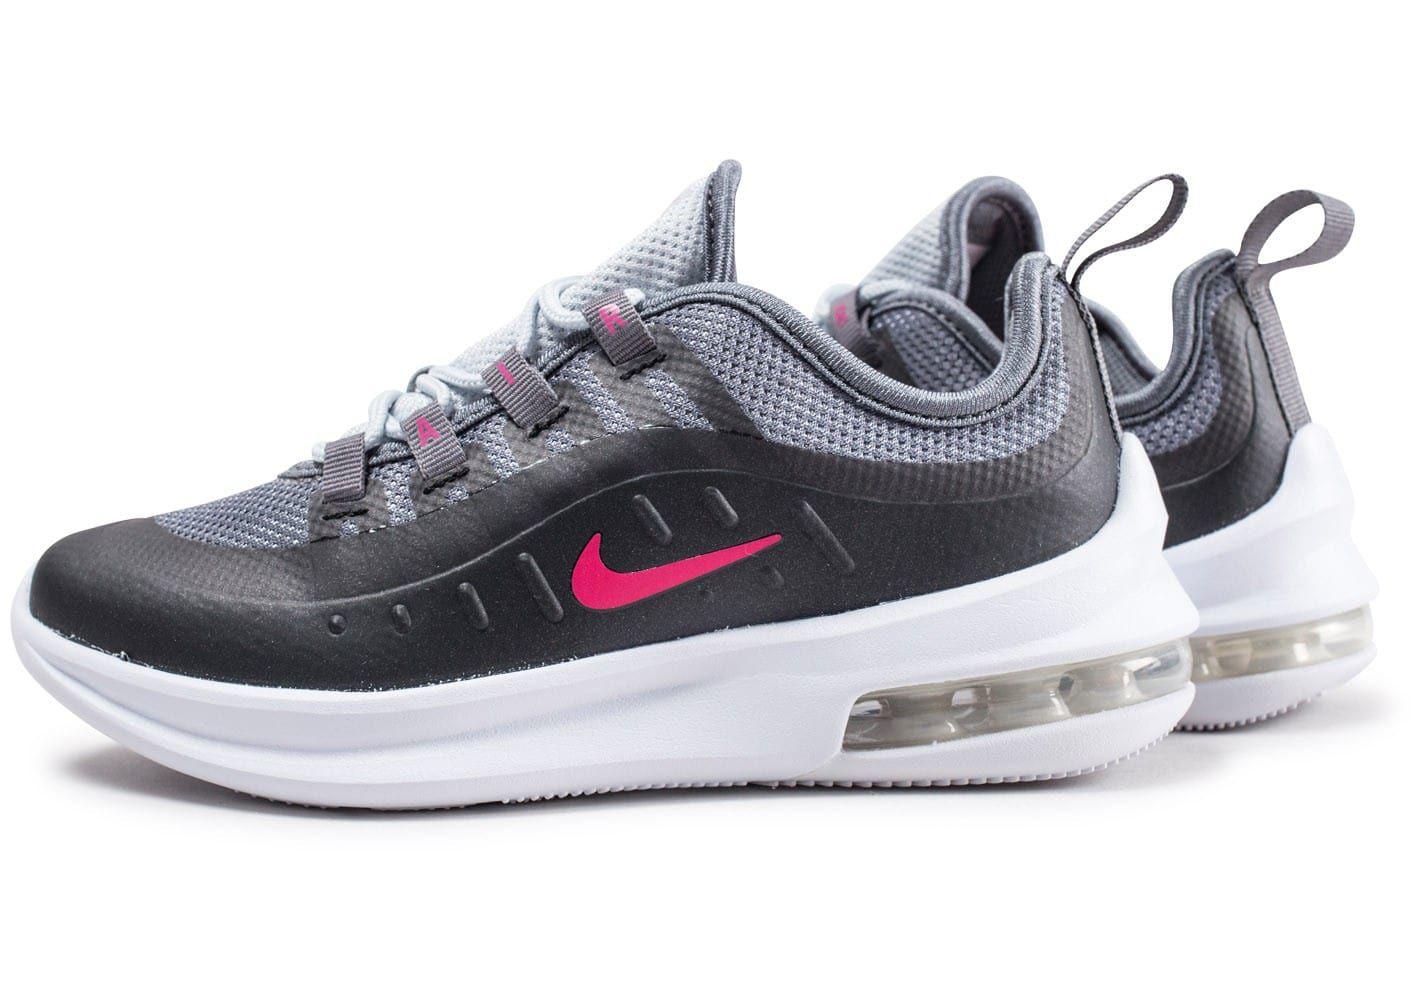 Chaussures Nike Air Max Axis pour Enfant - Tailles du 27,5 à 35